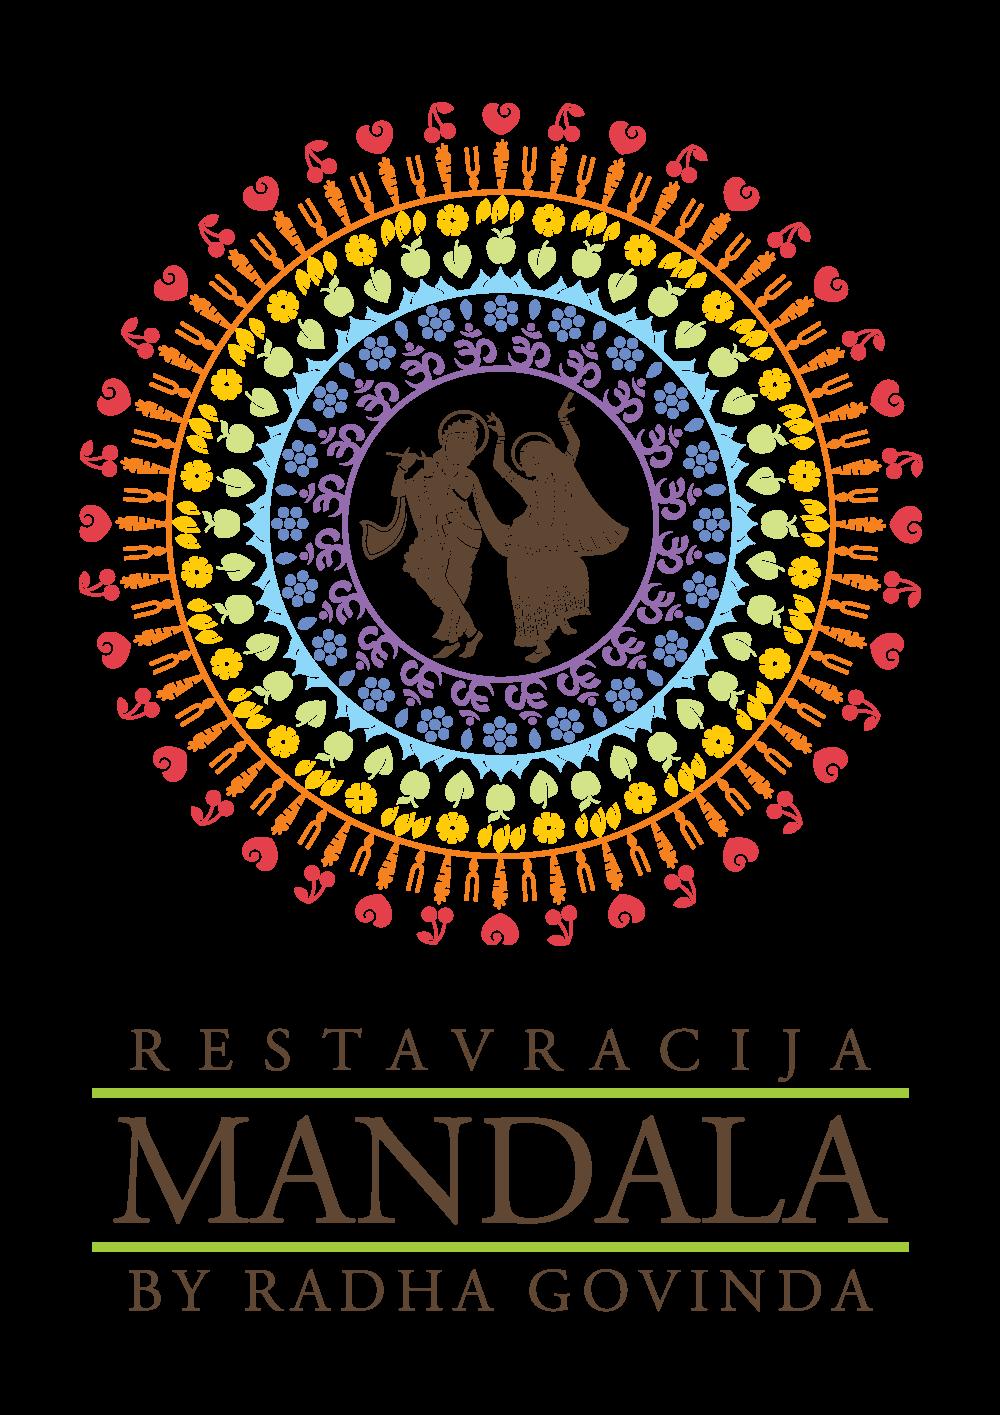 Restavracija Mandala